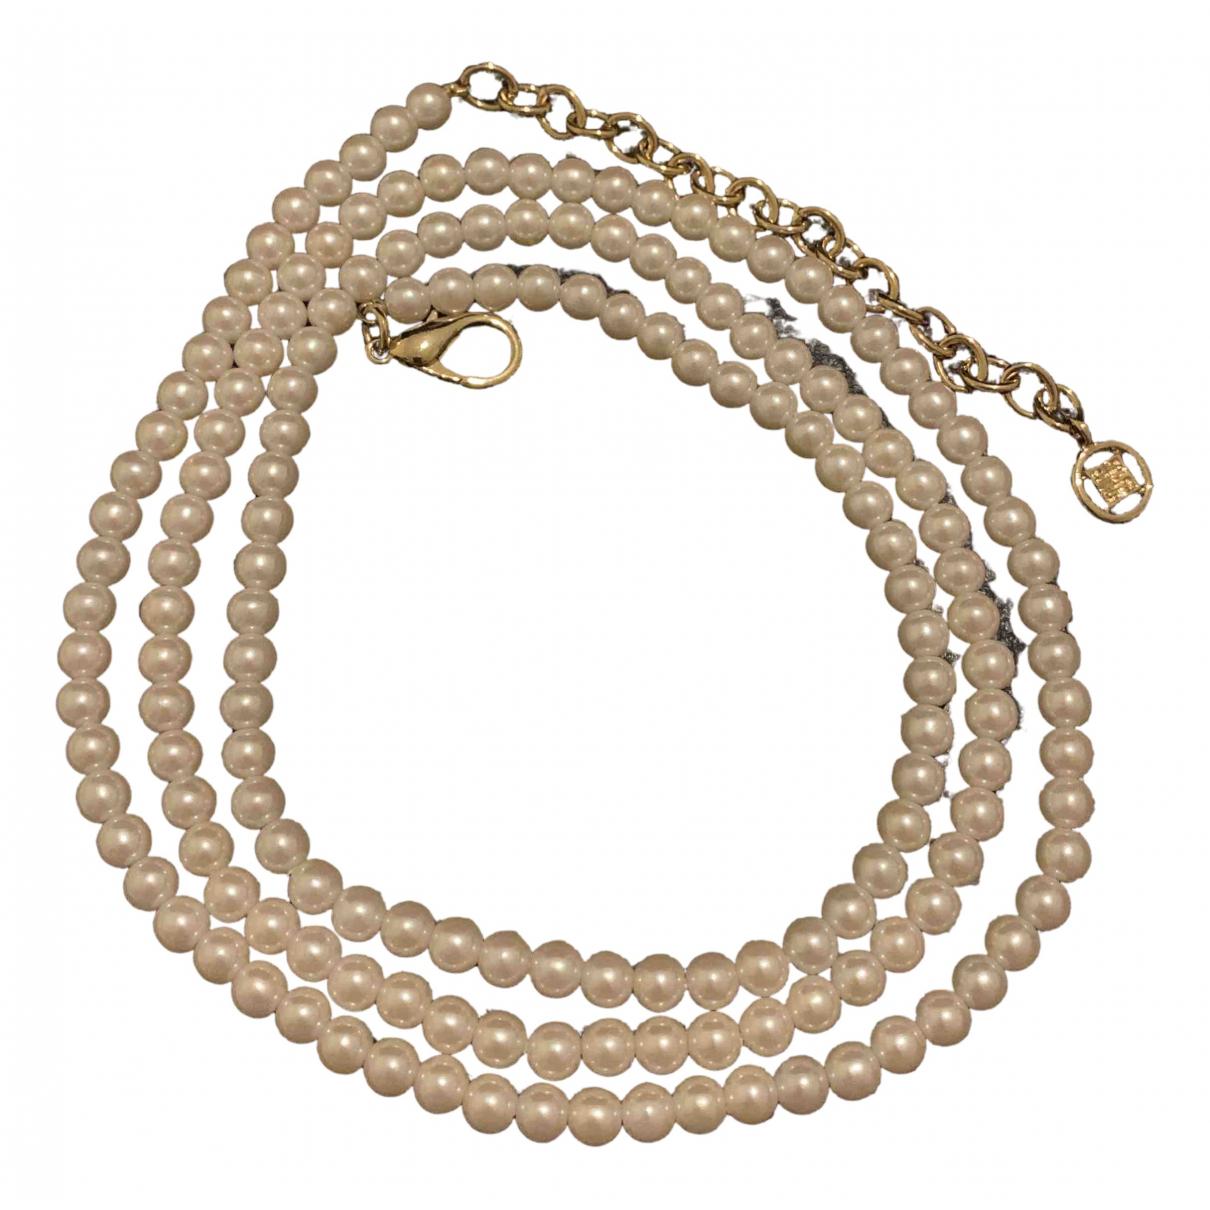 Givenchy - Collier   pour femme en perles - blanc